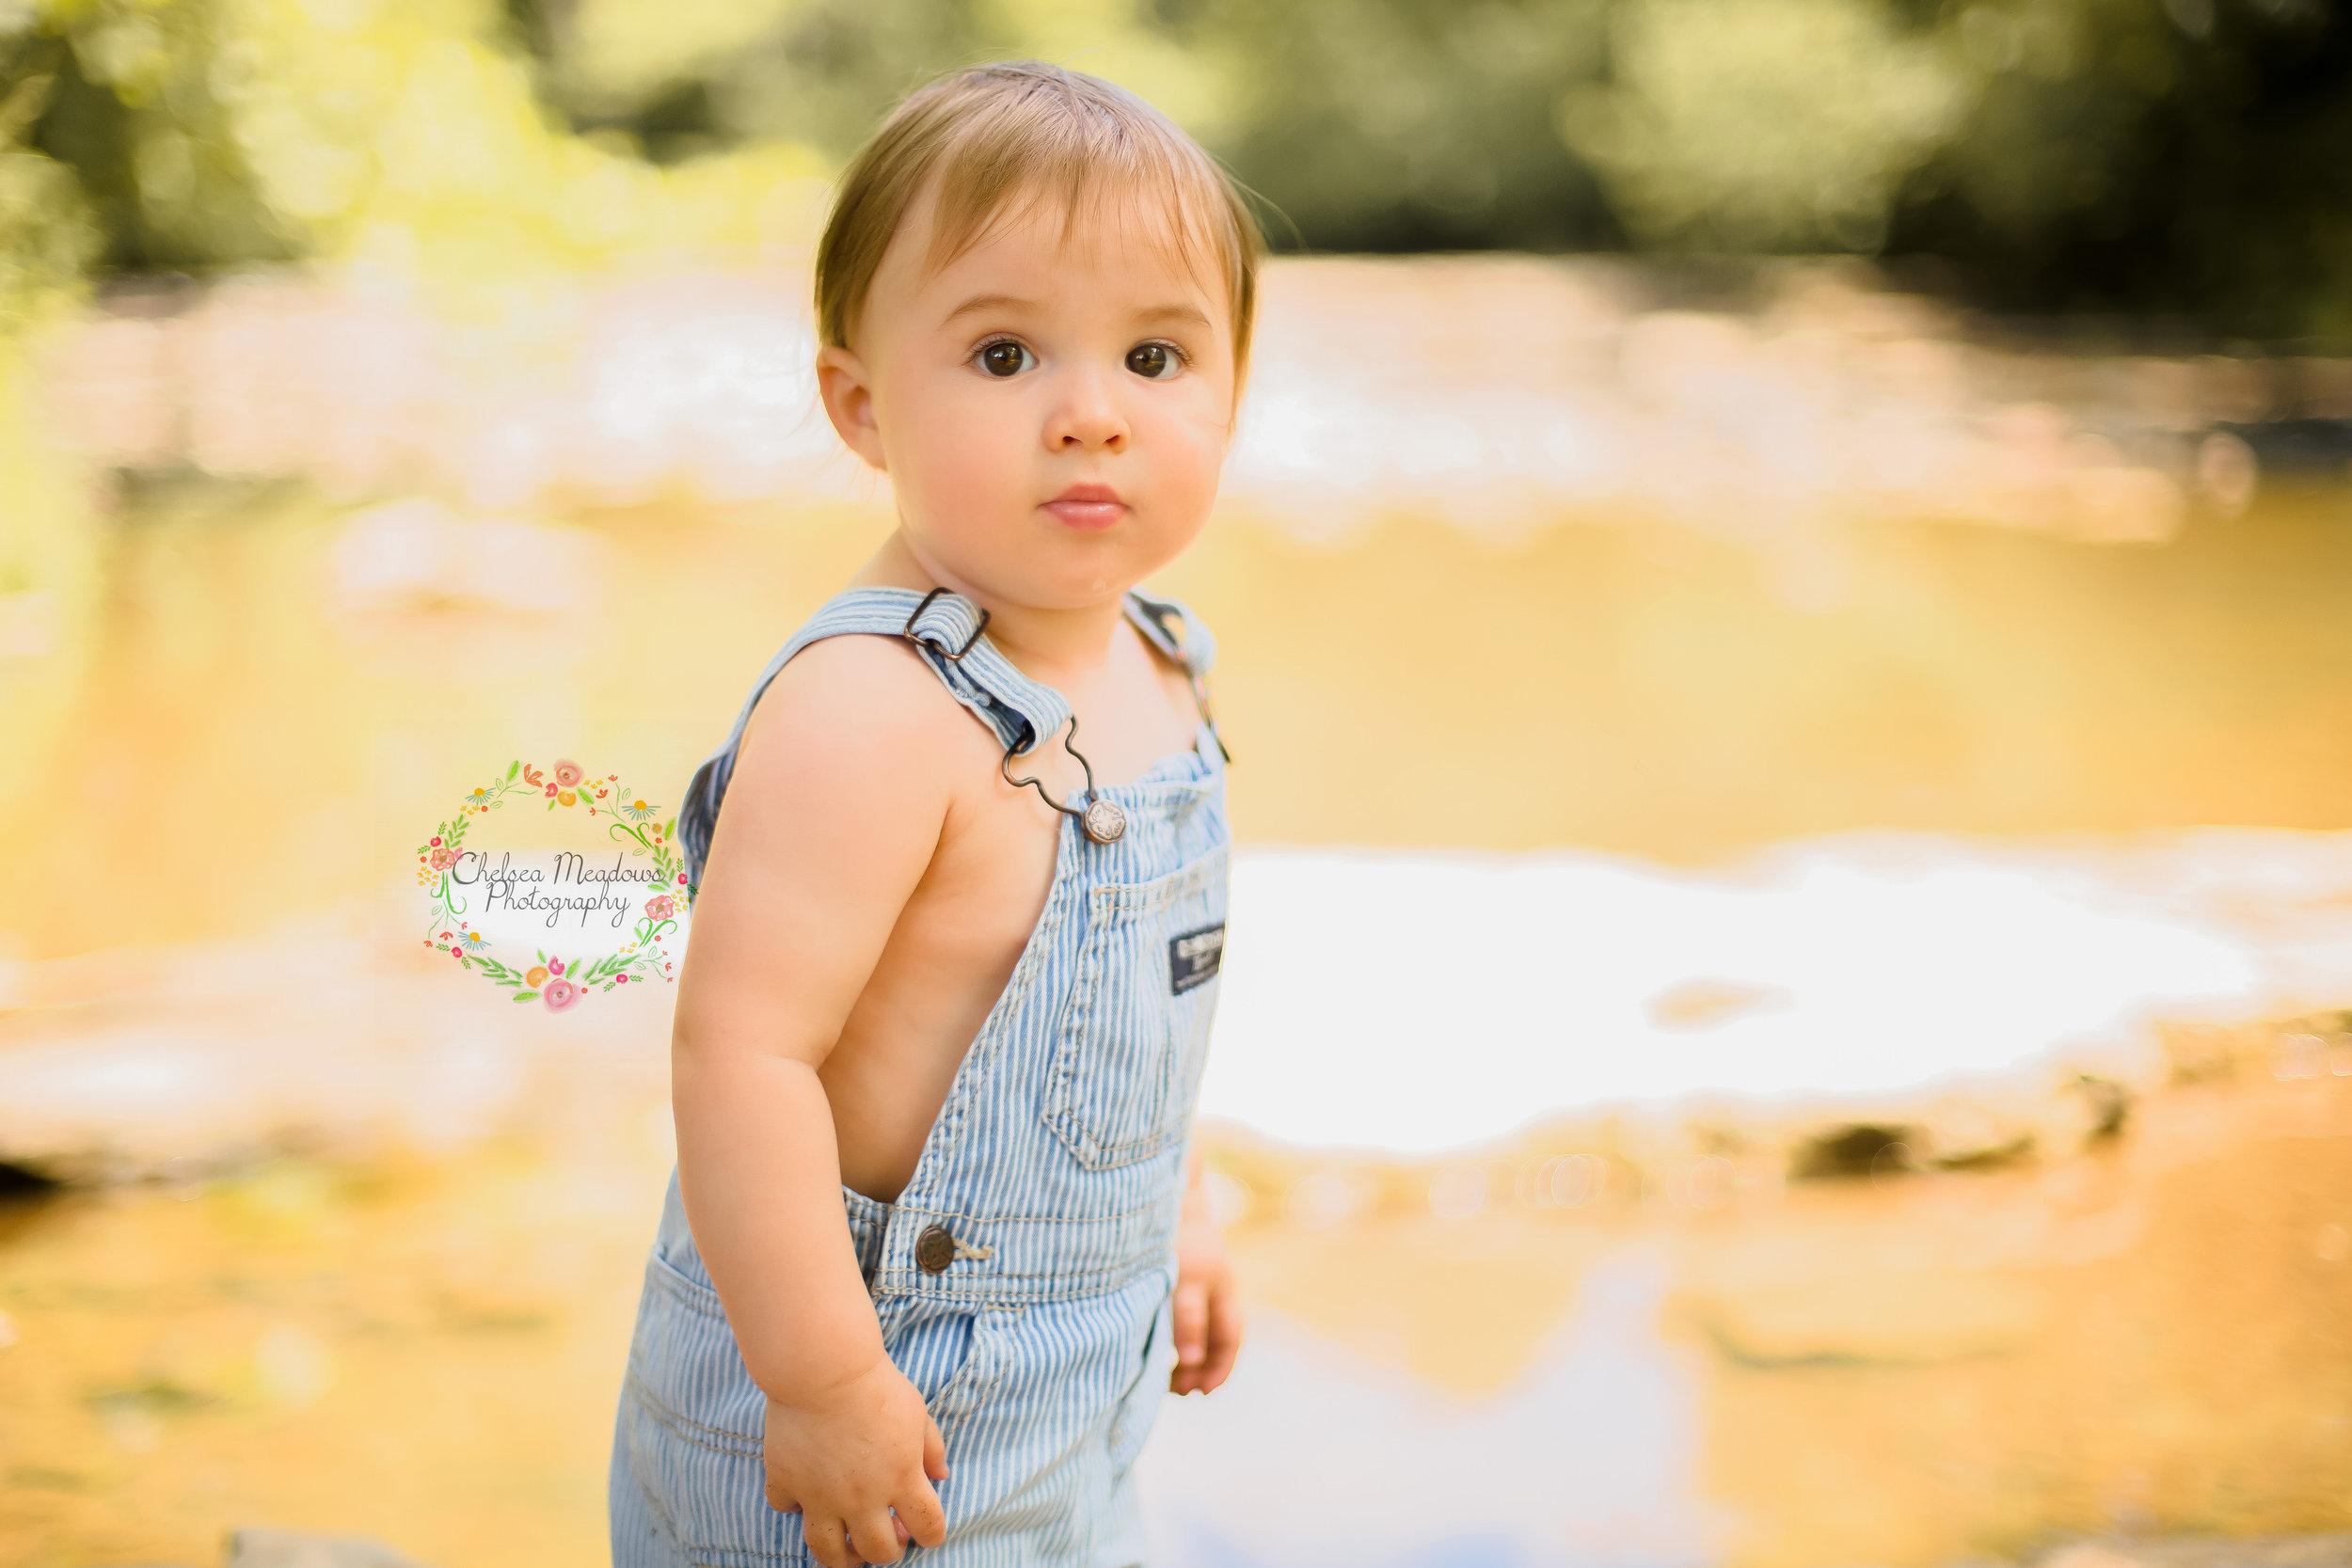 Rowans First Birthday - Nashville Family Photographer - Chelsea Meadows Photography (7).jpg